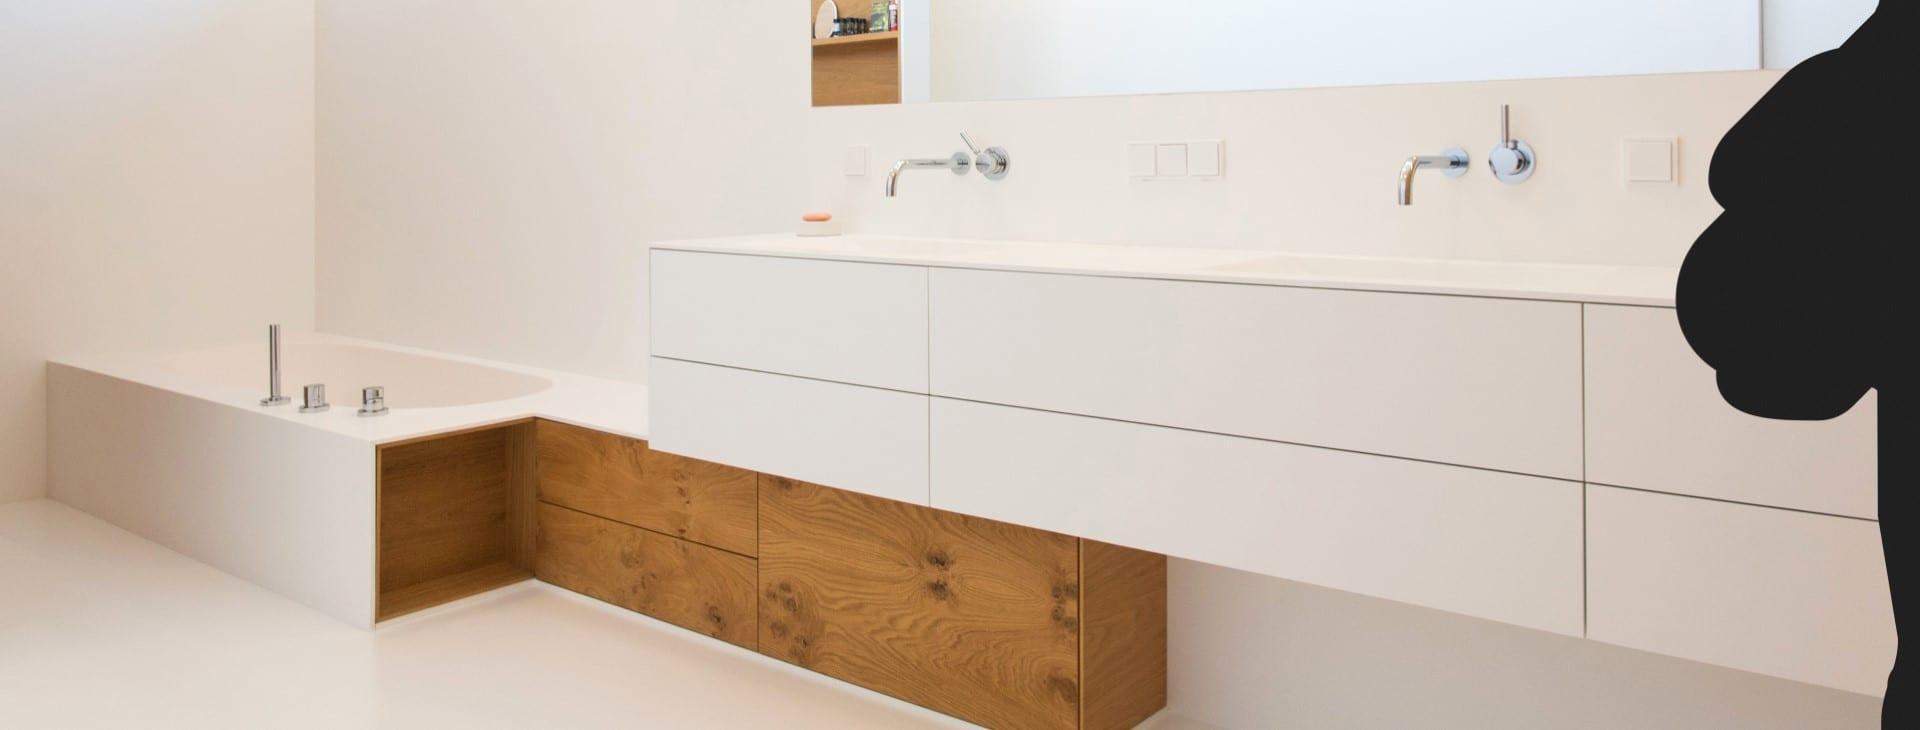 Modernes Badezimmer: Fugenloser Corian-Boden und Fronten ohne Griffe